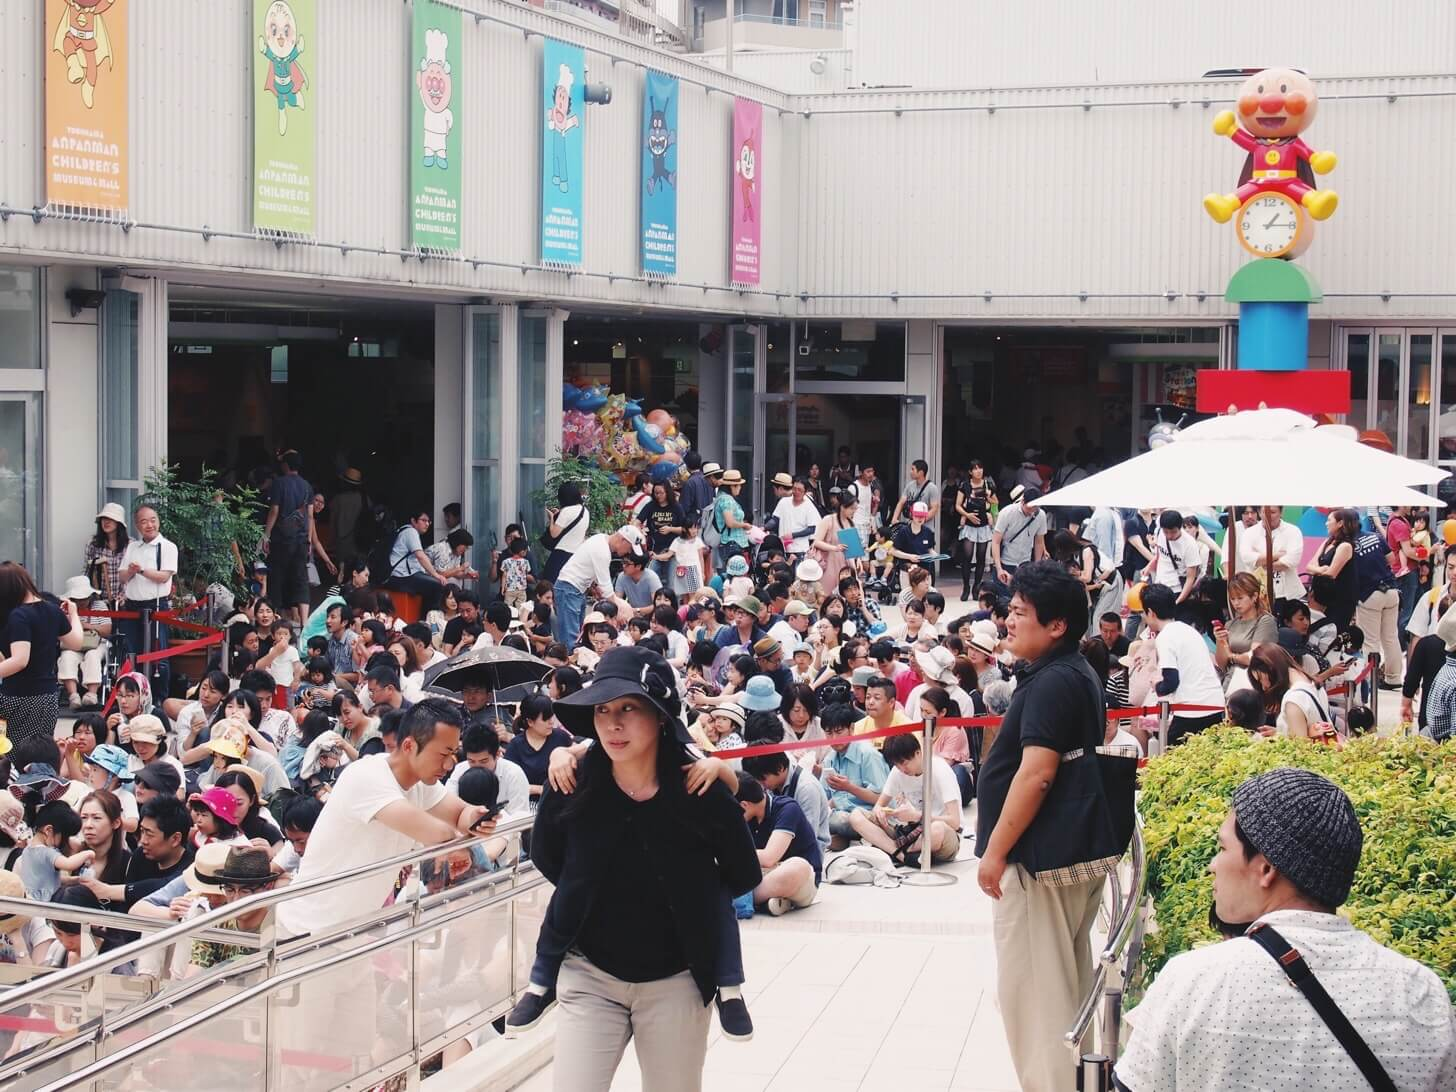 横浜アンパンマンこどもミュージアム-9